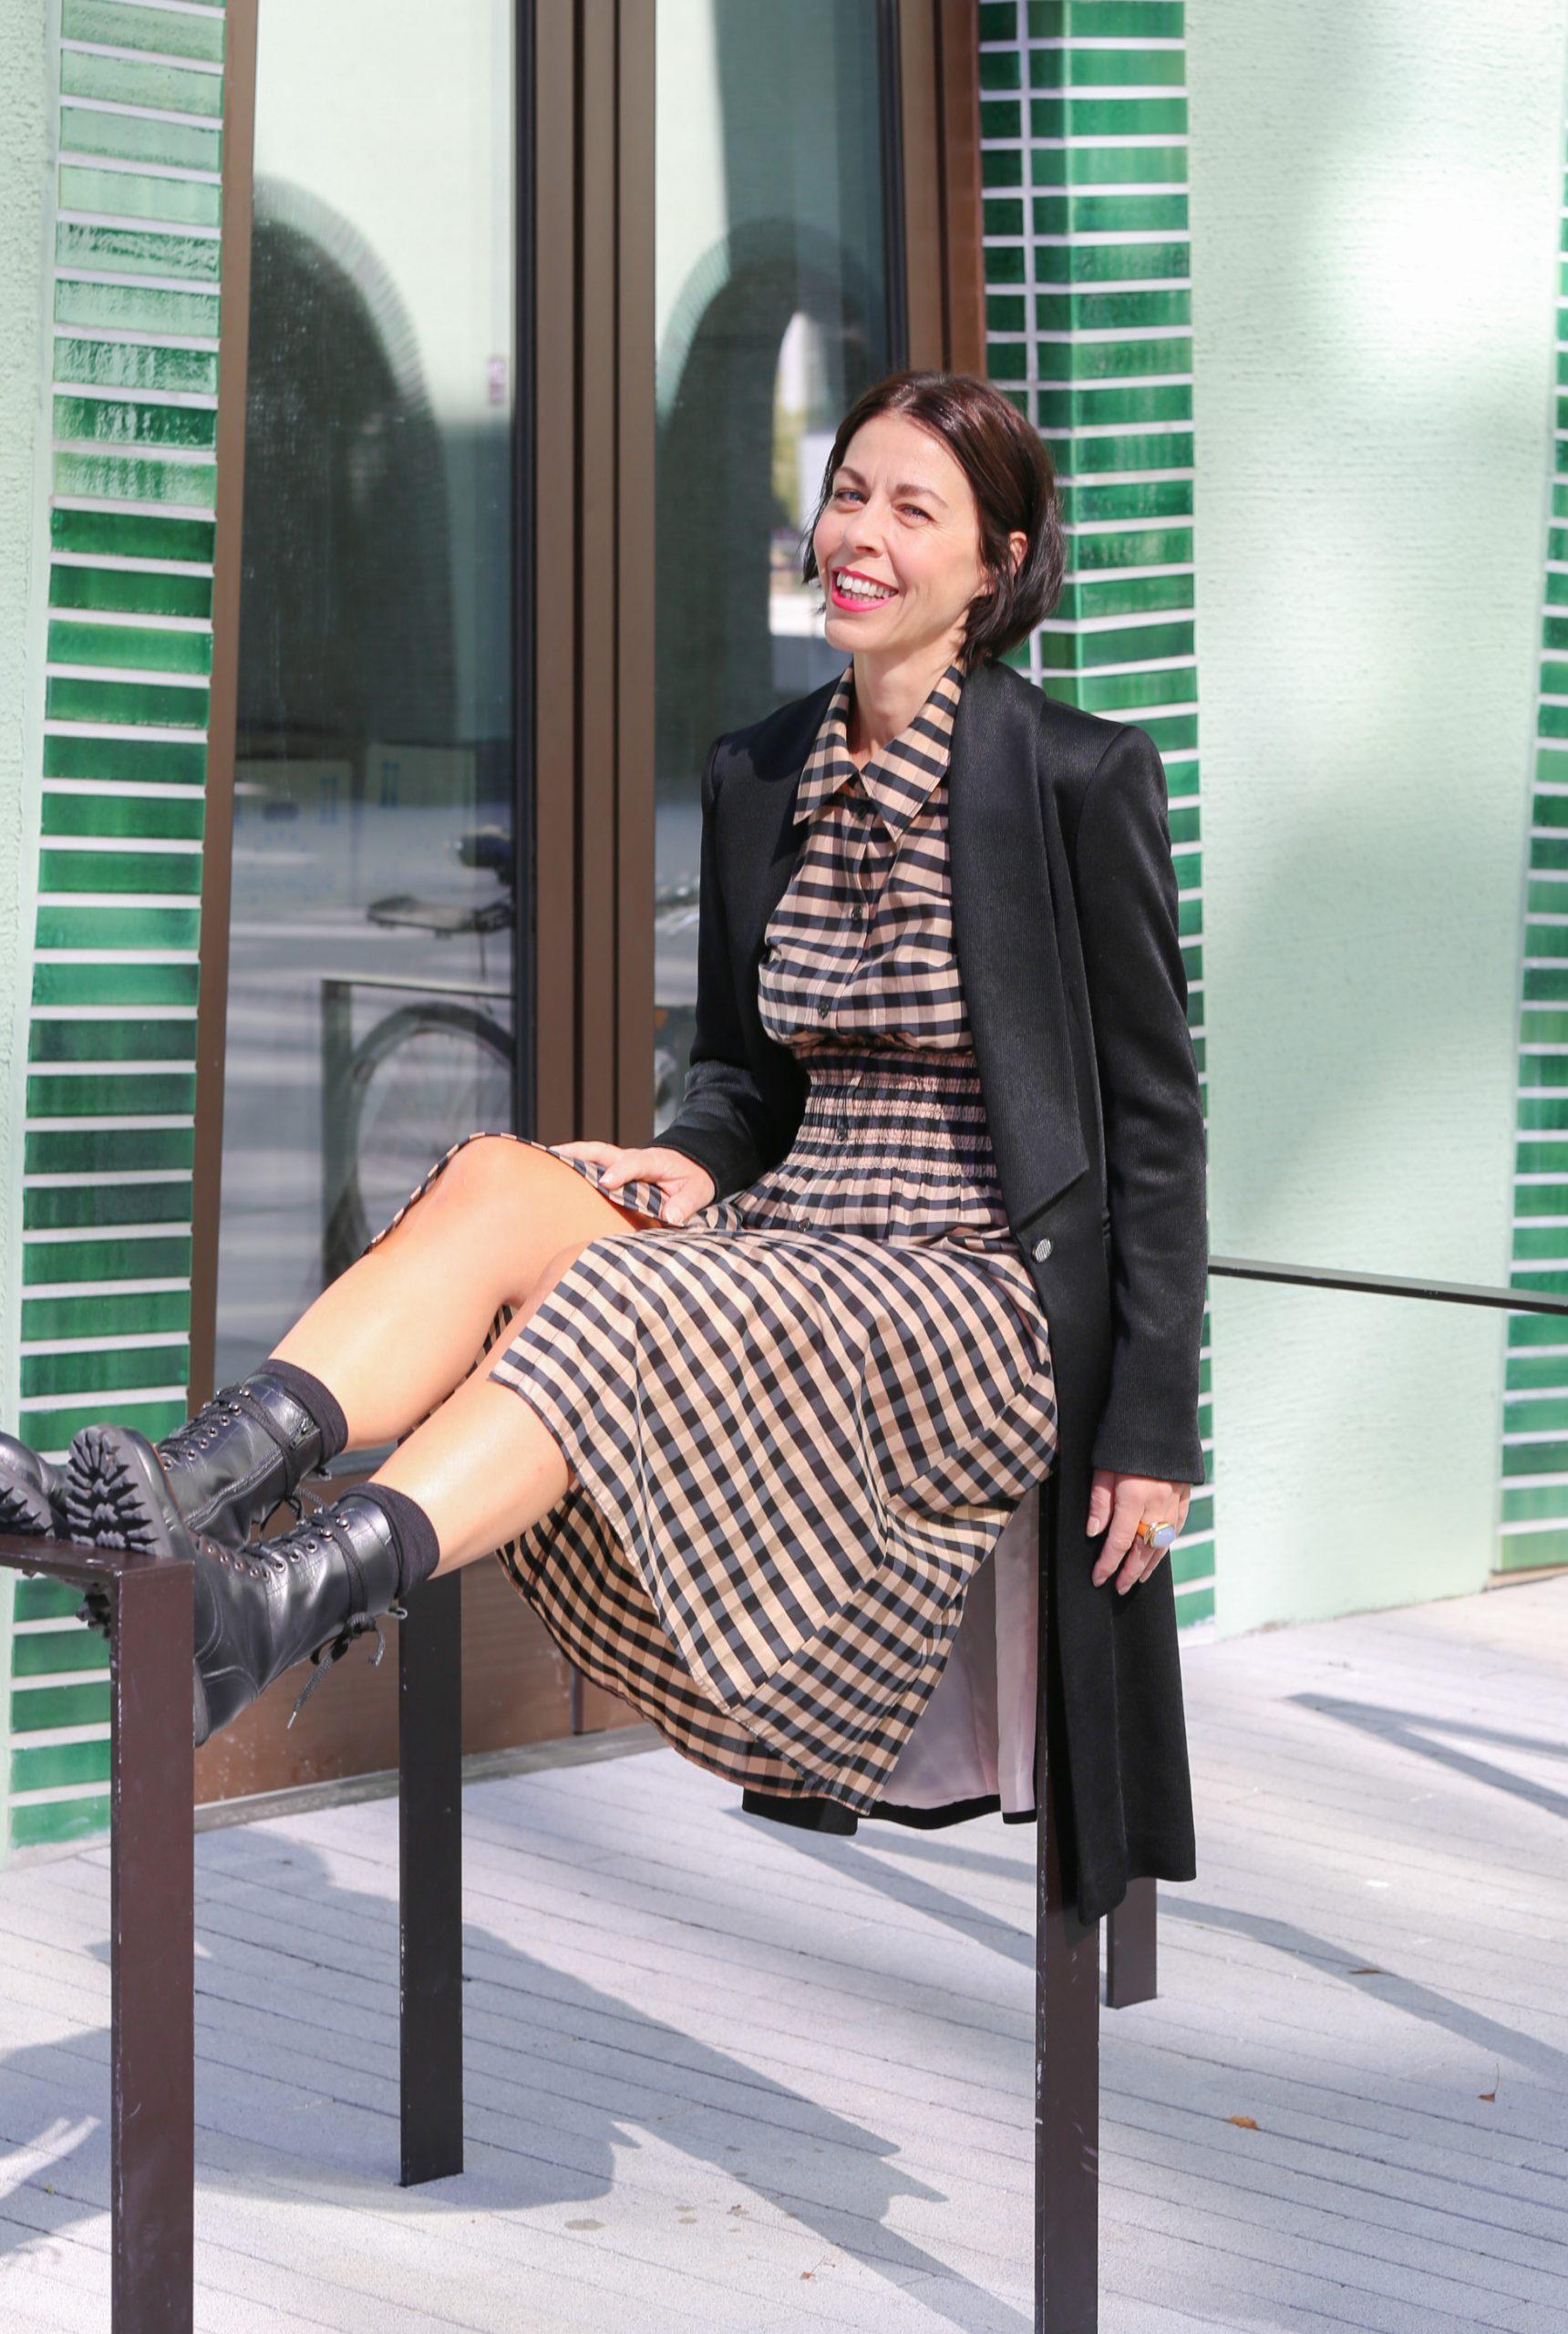 Modetrends Herbs/Winter 2020/21 Frau mit schwarzem Haar und einem karierten Kleid mit einem schwarzen Longblazer und Schnürstiefel und Sonnenbrille läuft auf dem Fussweg